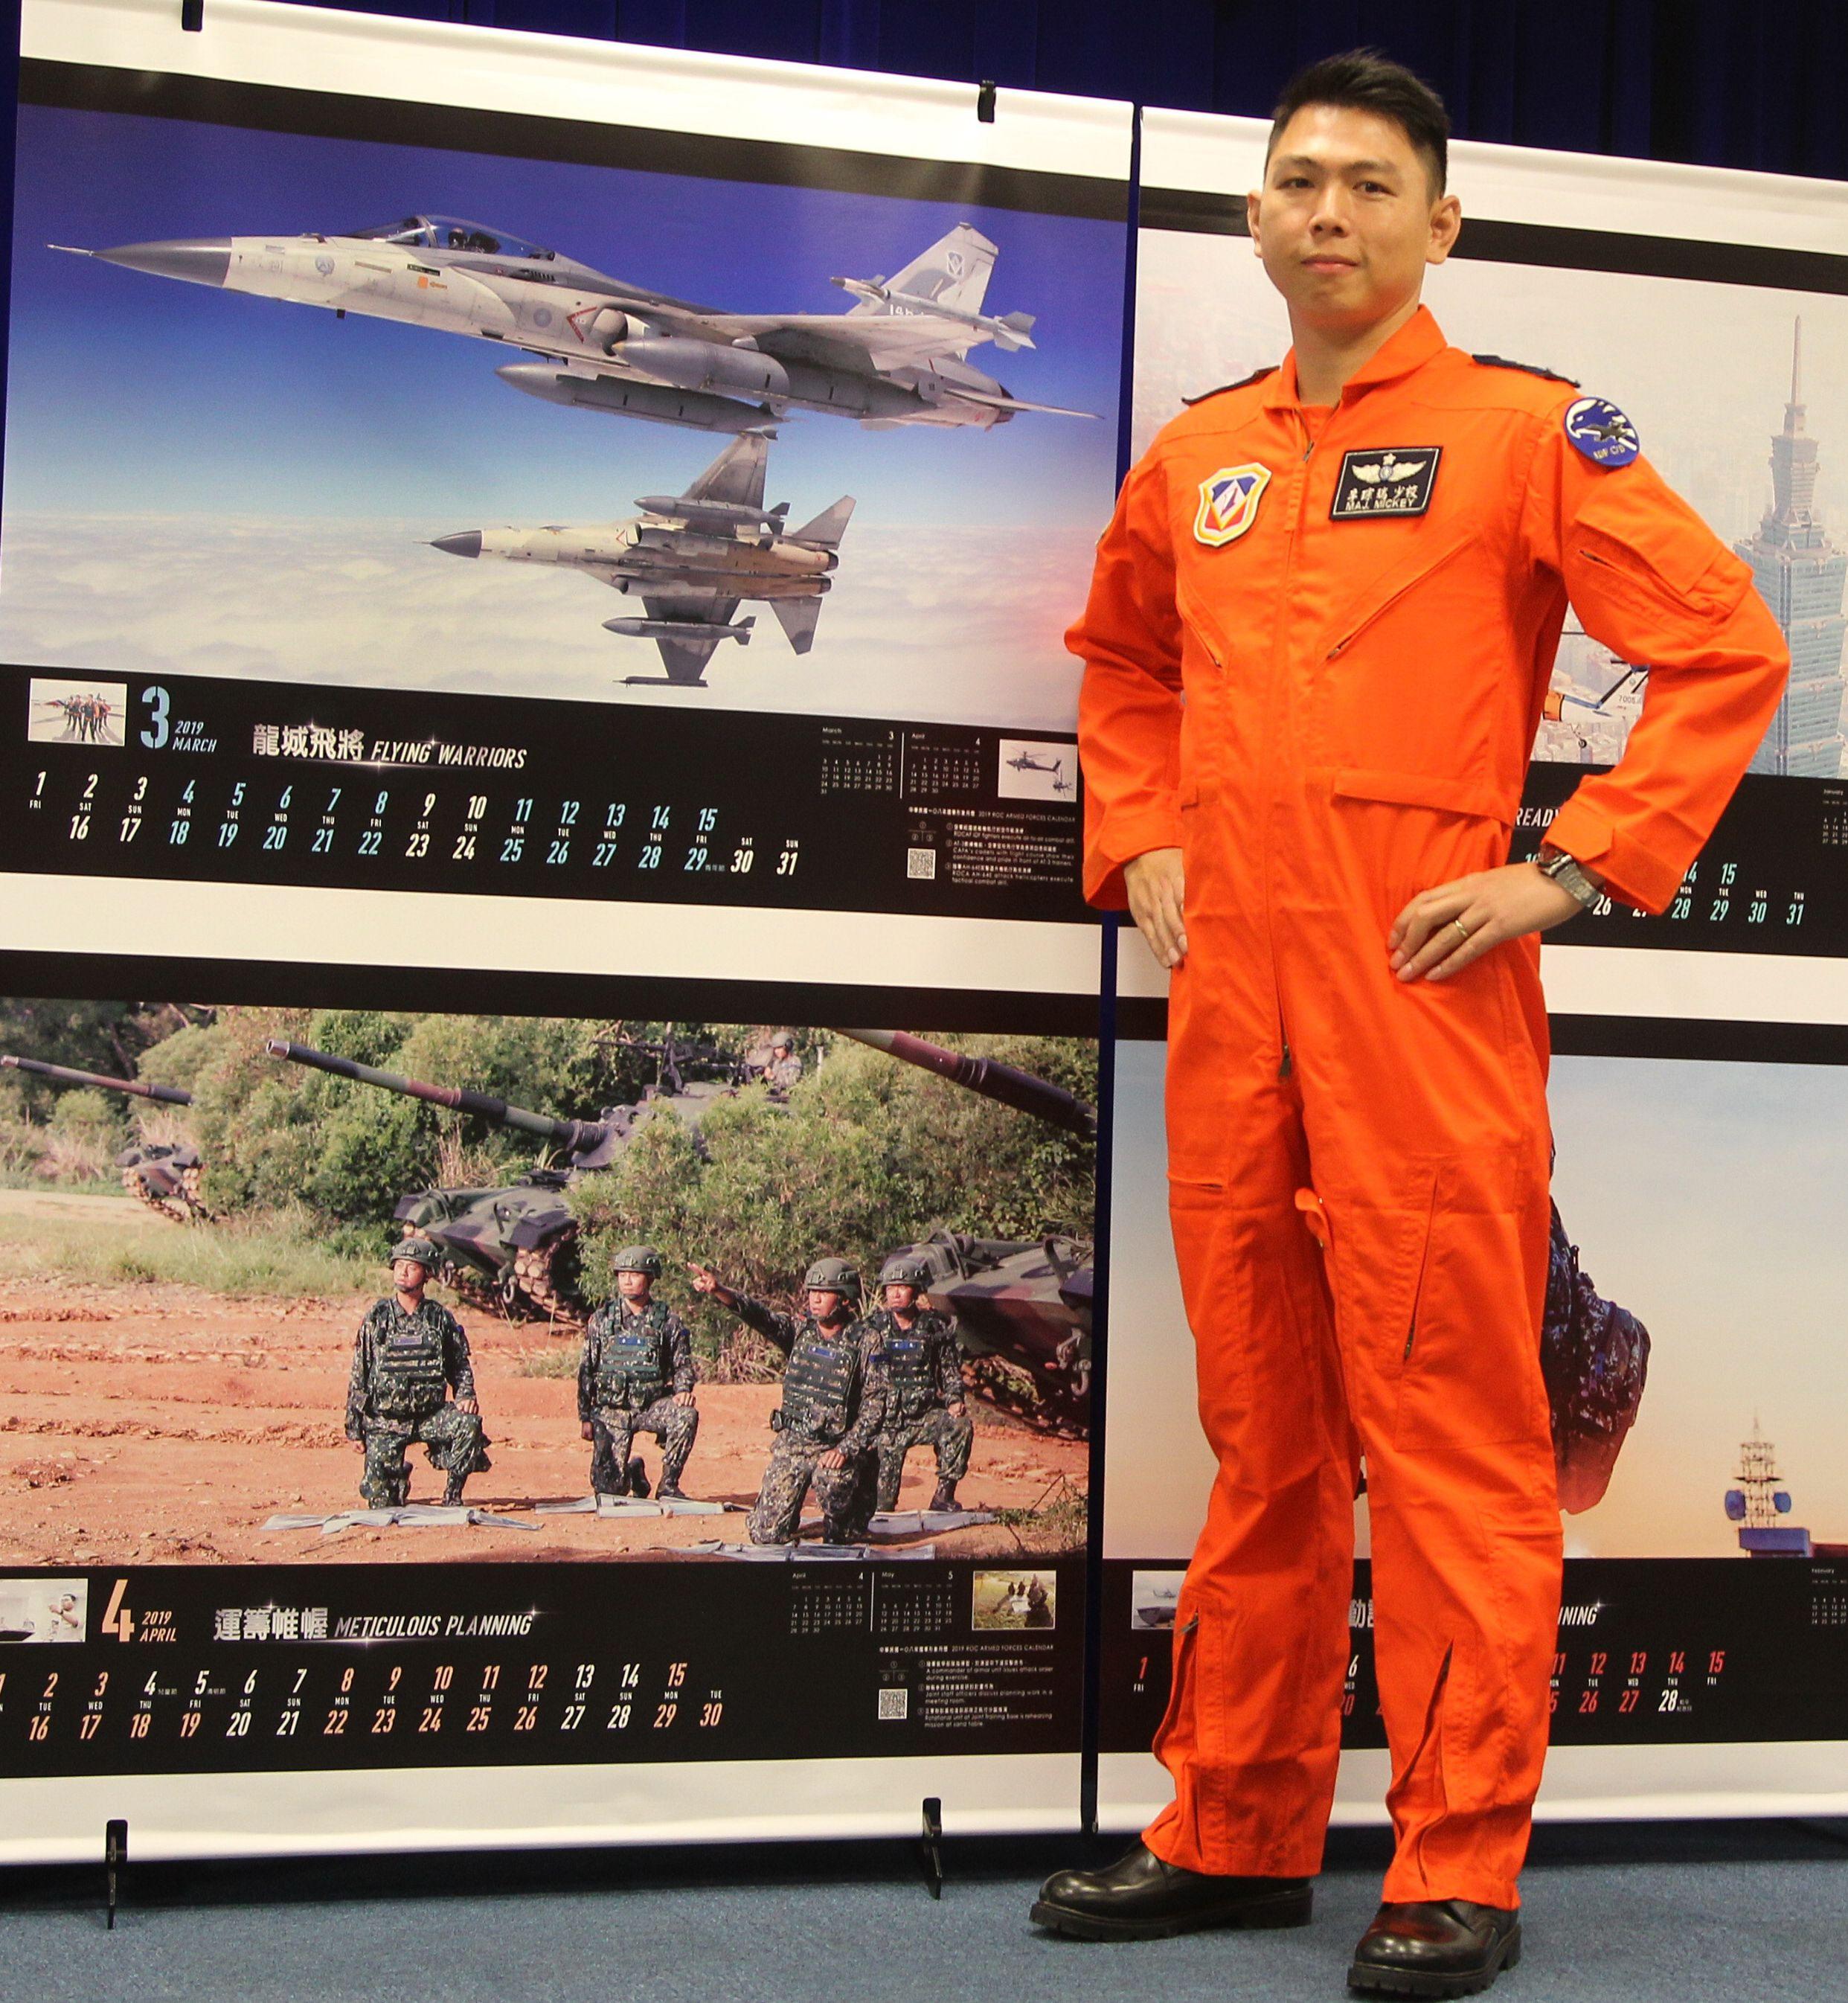 空軍第一聯隊李琮瑞少校。(記者邱榮吉/攝影)